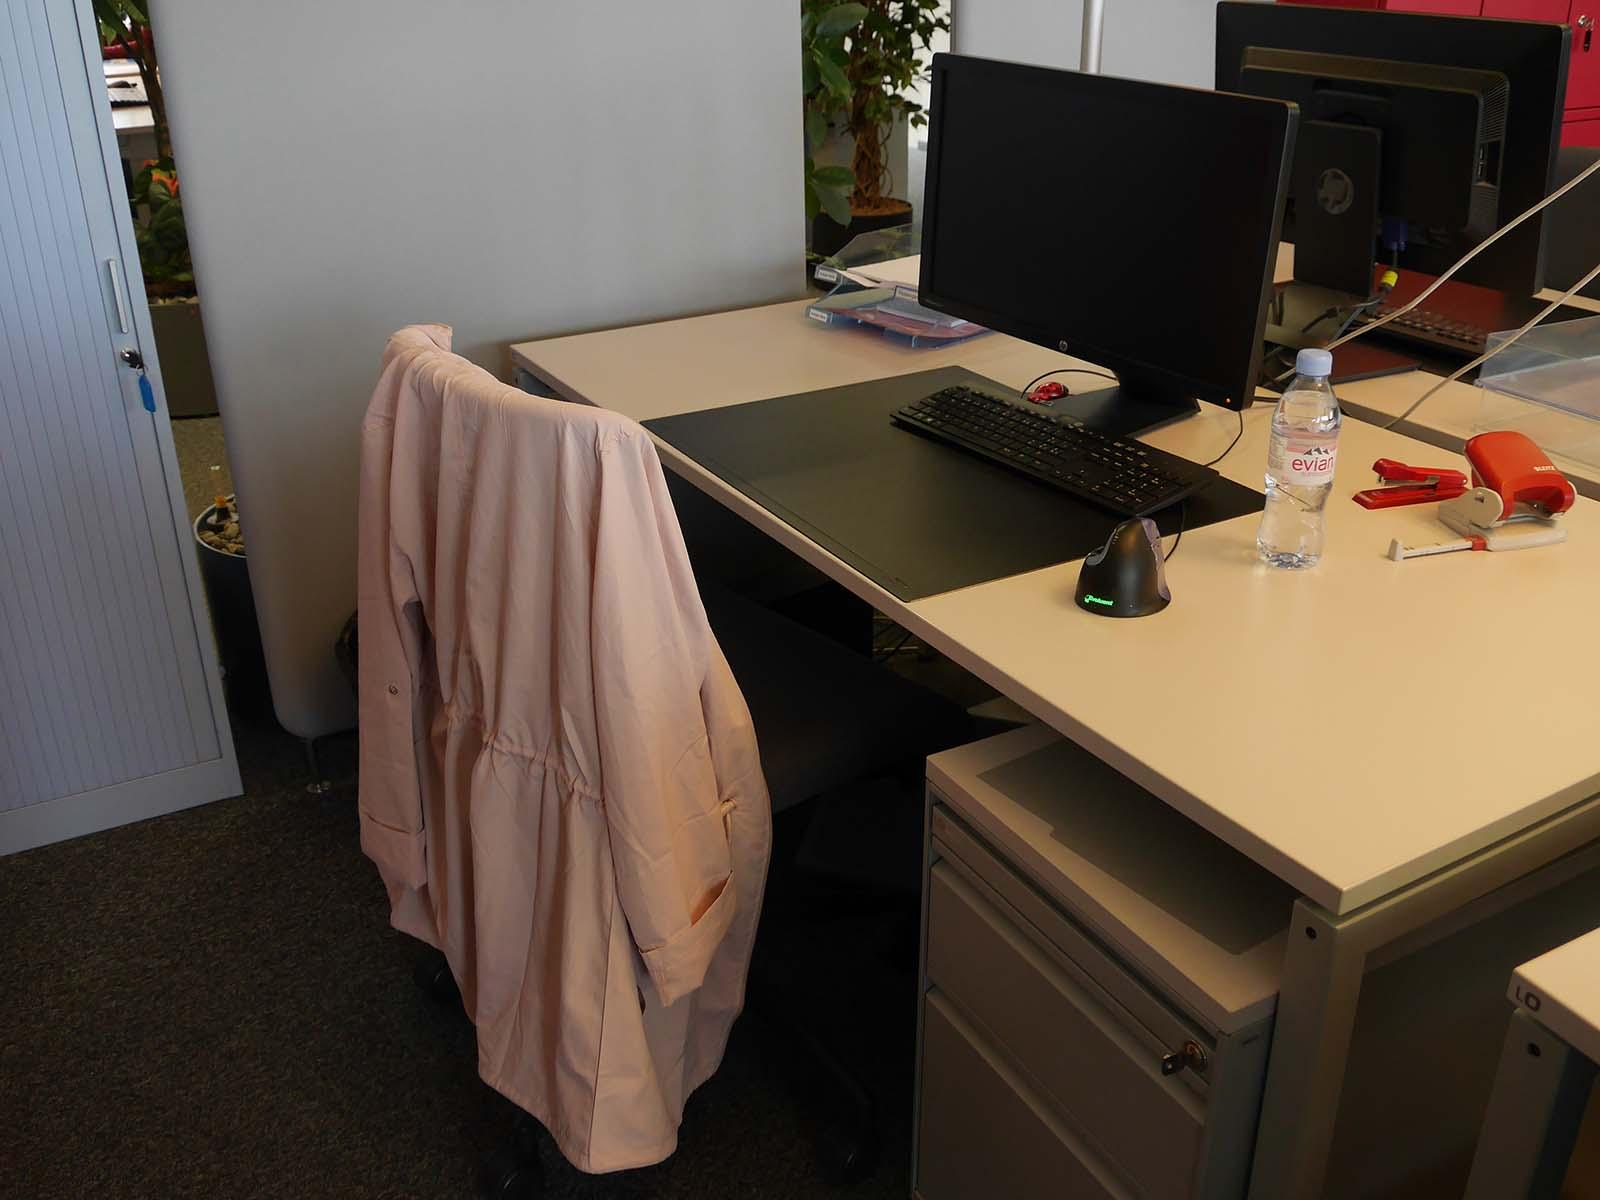 Von der speziellen Maus abgesehen sieht der Arbeitsplatz von A.B. aus wie jeder andere.